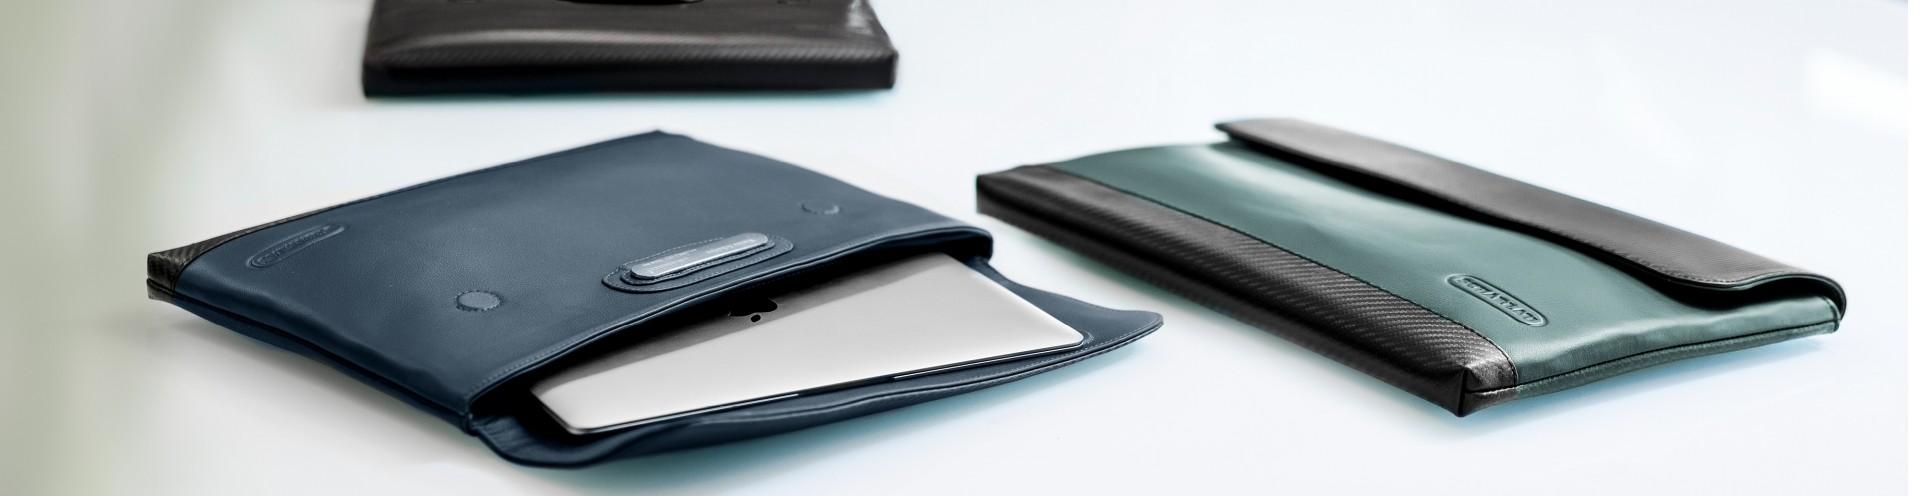 Maniche personalizzabili per laptop in Pelle d'uomo